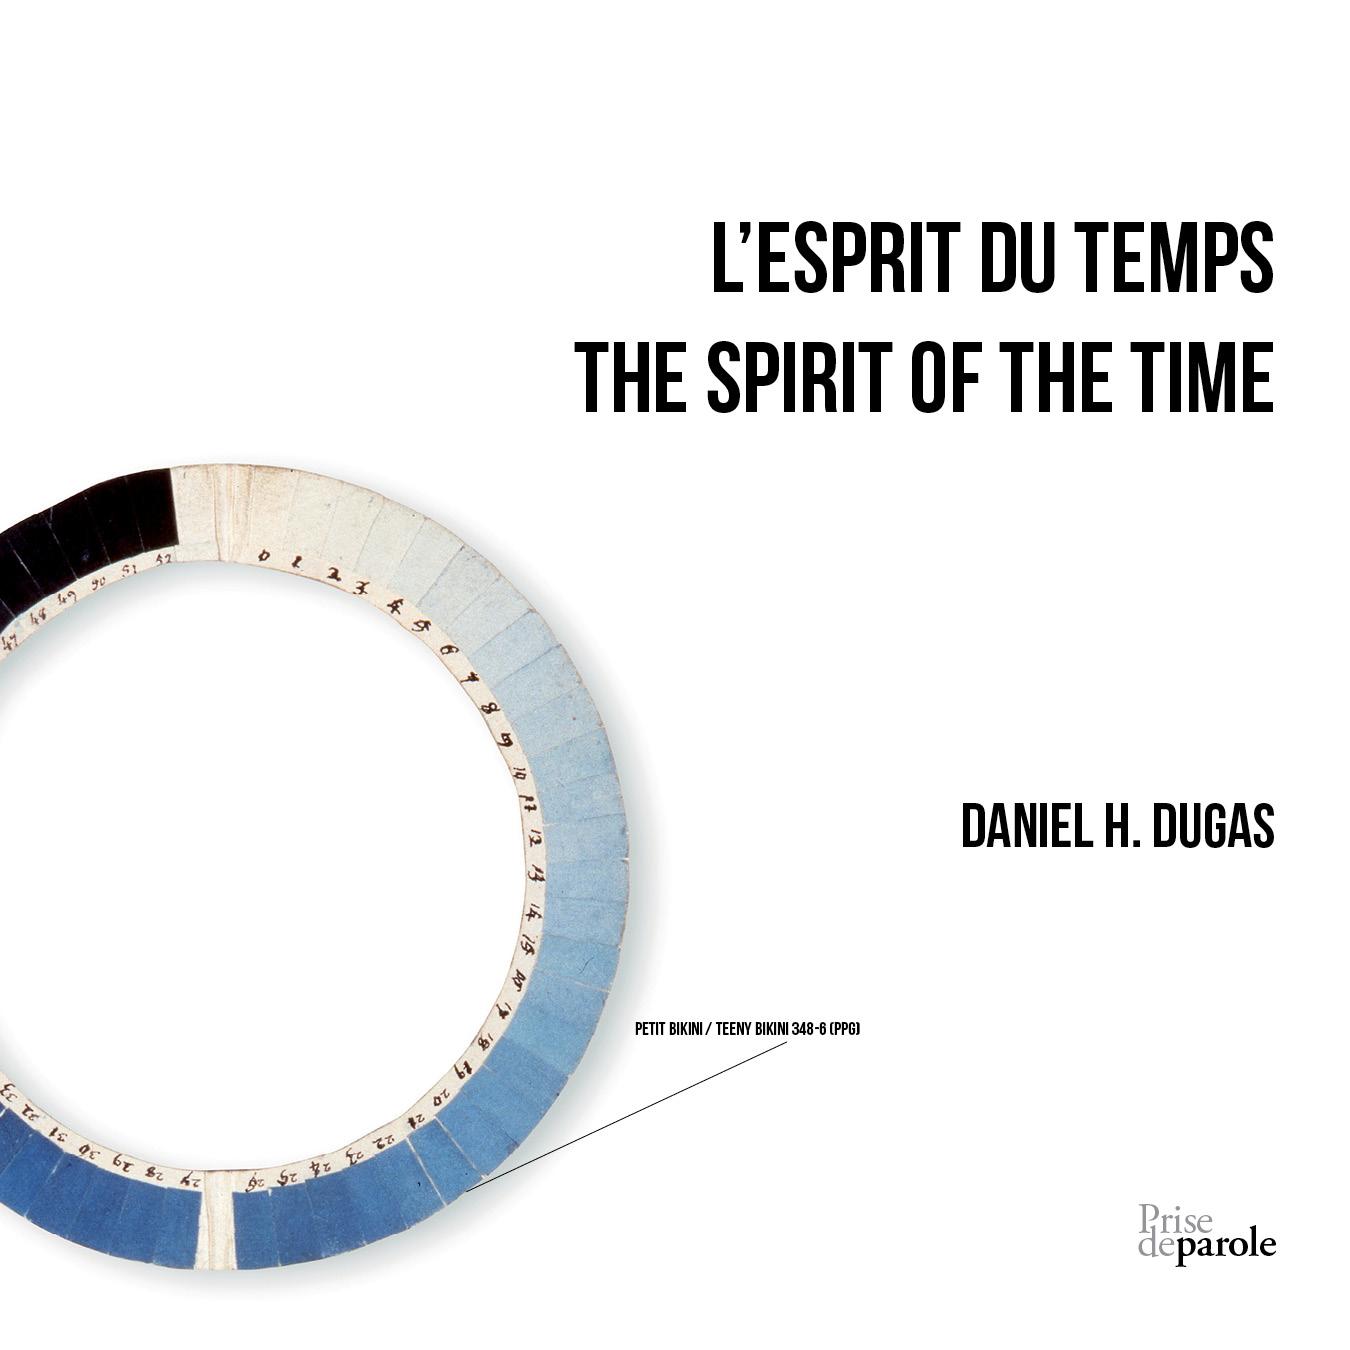 L'esprit du temps / The Spirit of the Time